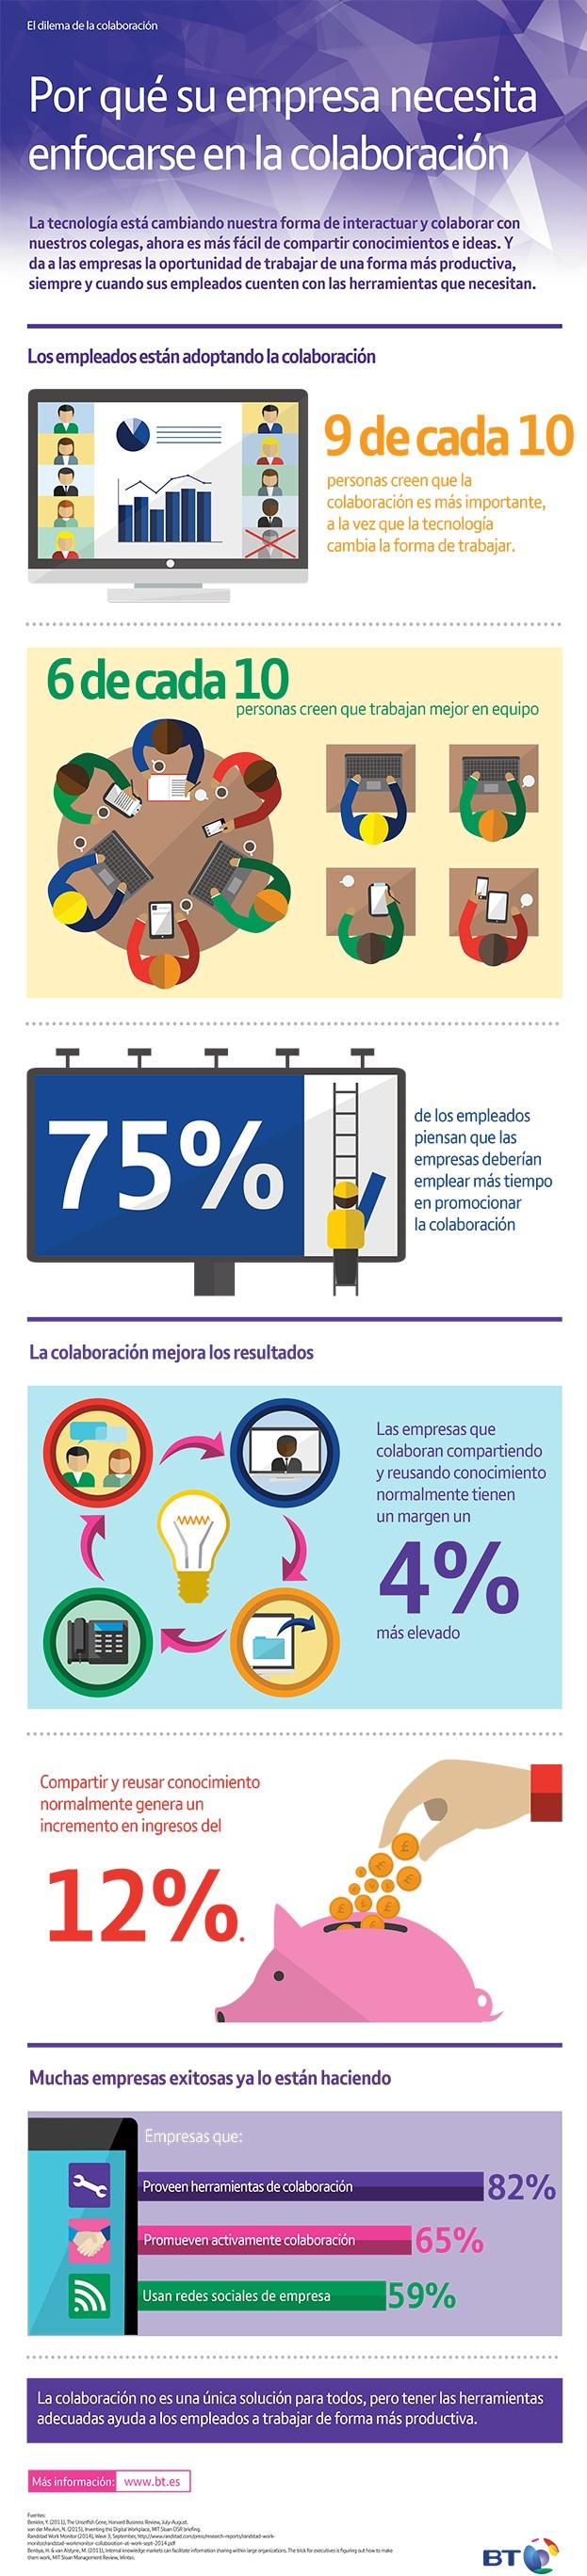 infografia-colaboración-empresas